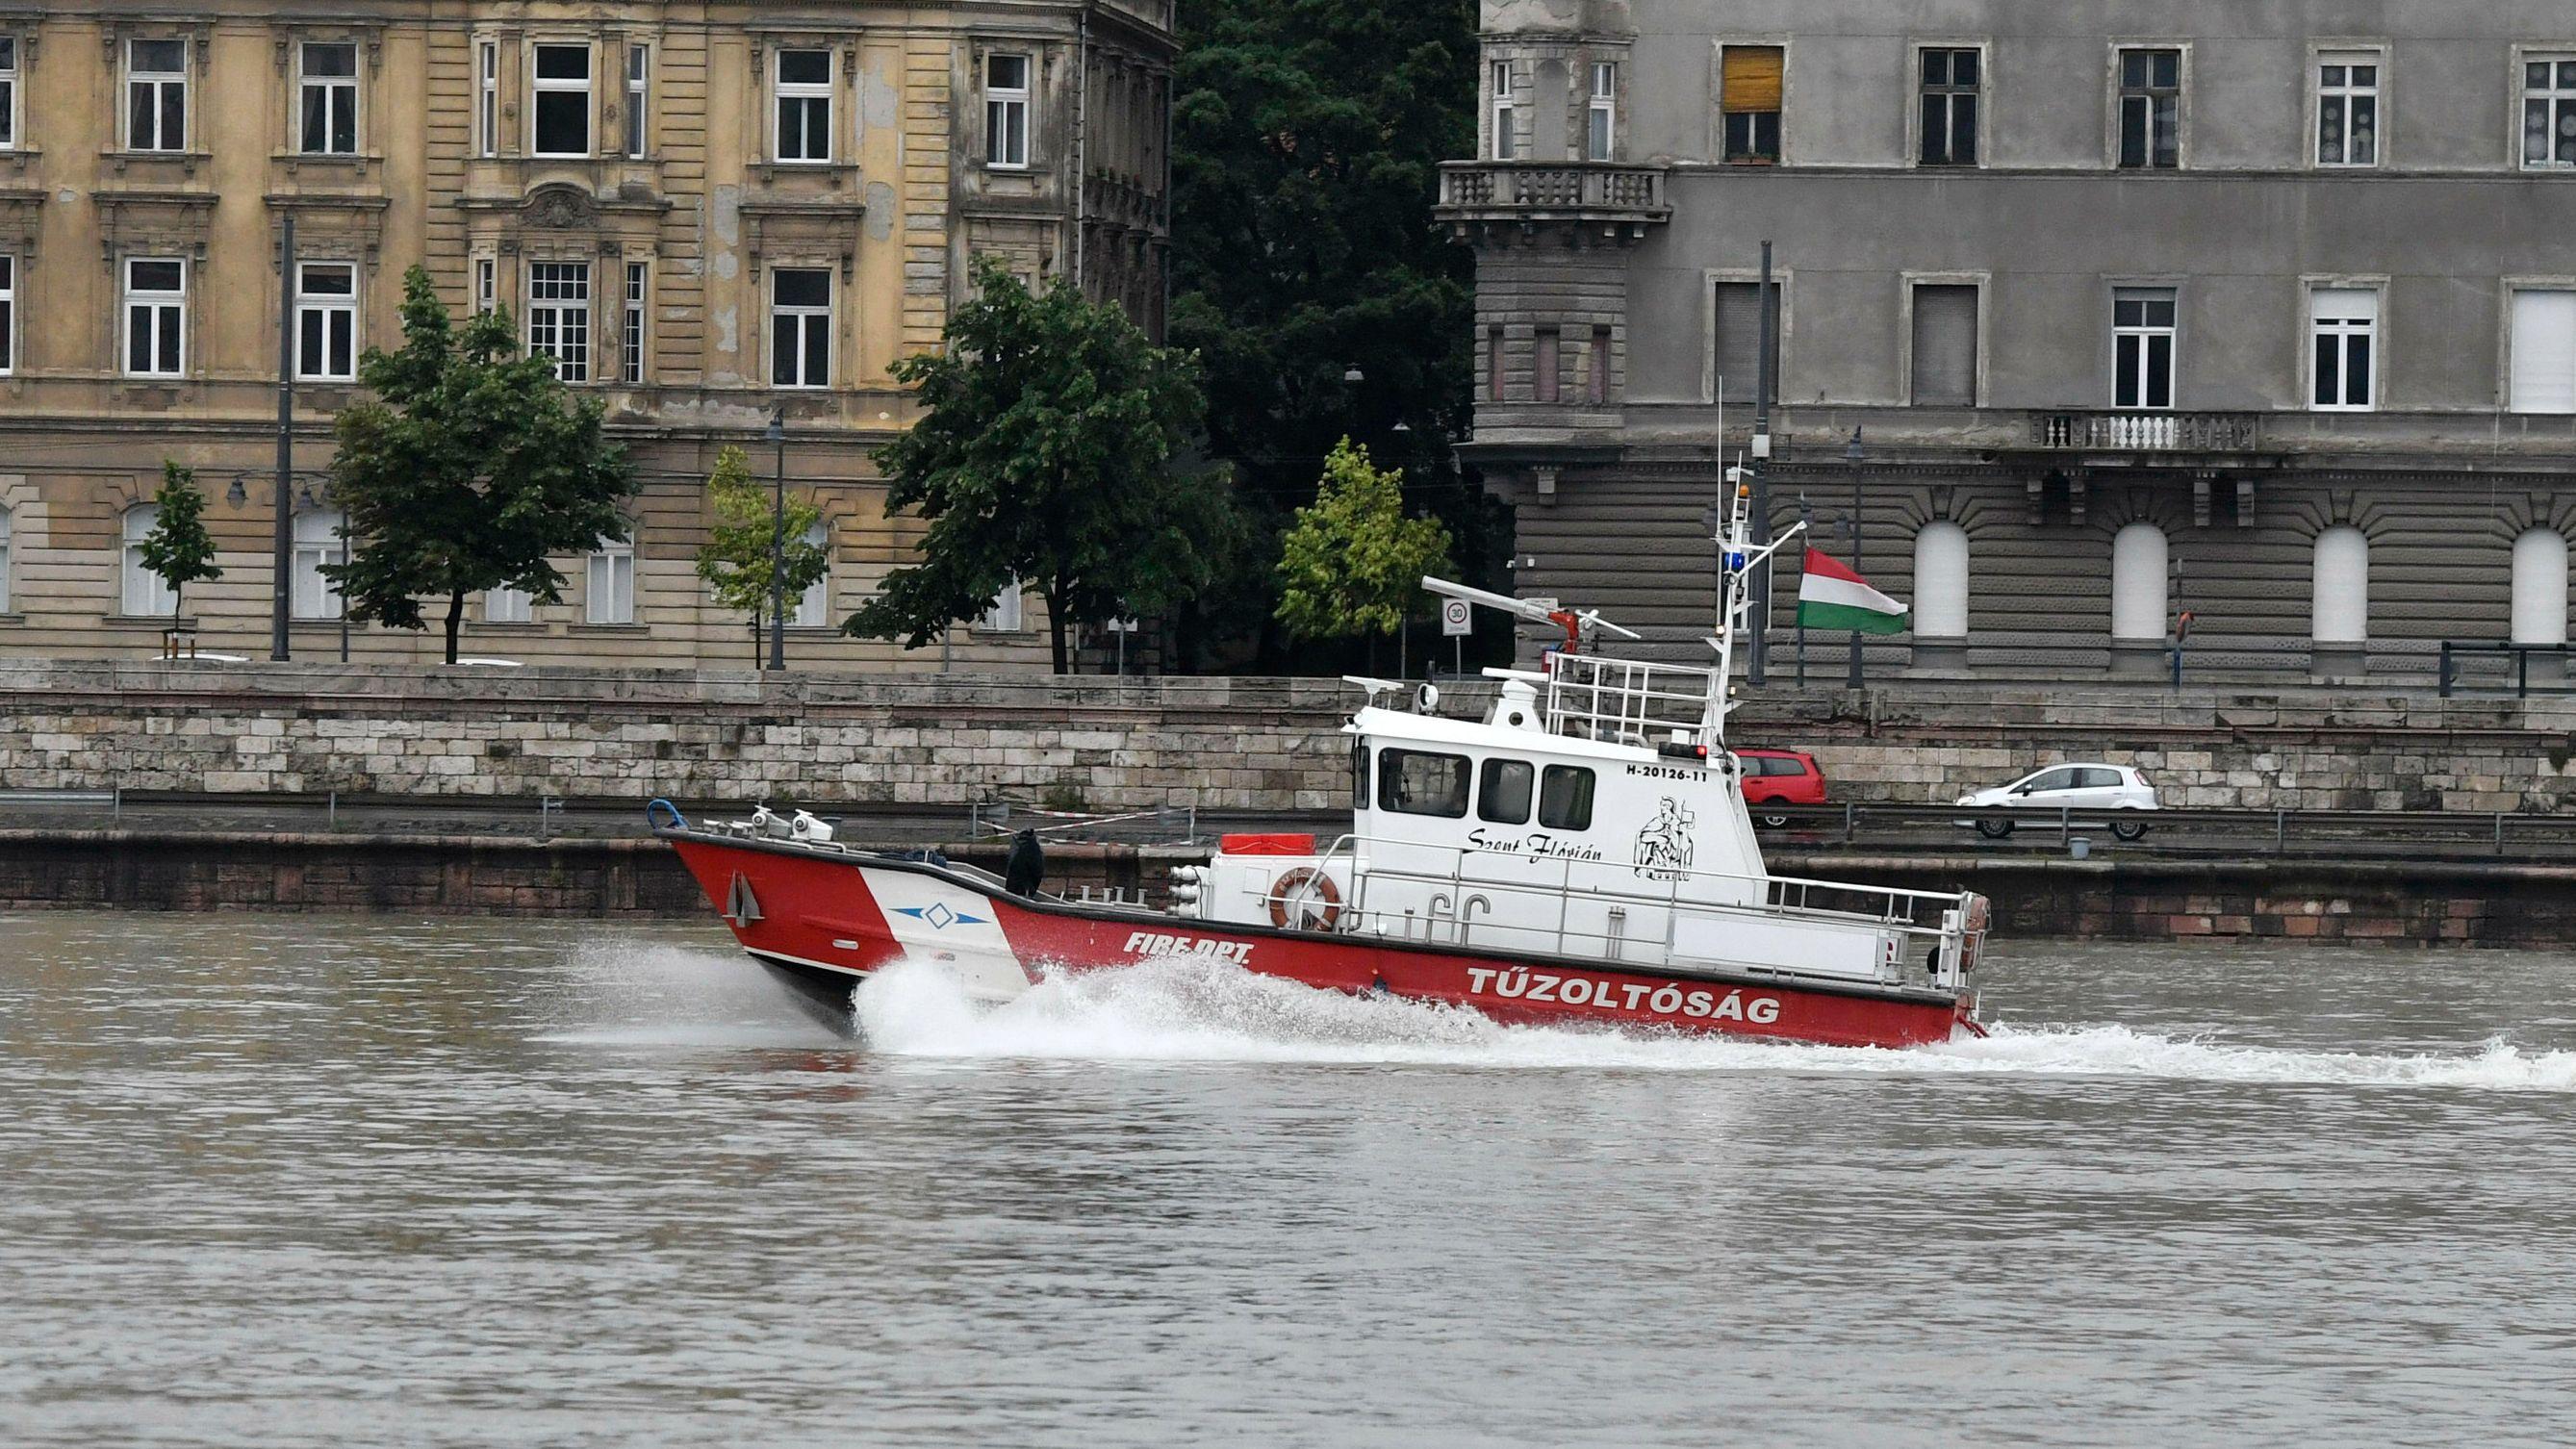 Ein Feuerwehrboot unterstützt die Rettungsarbeiten